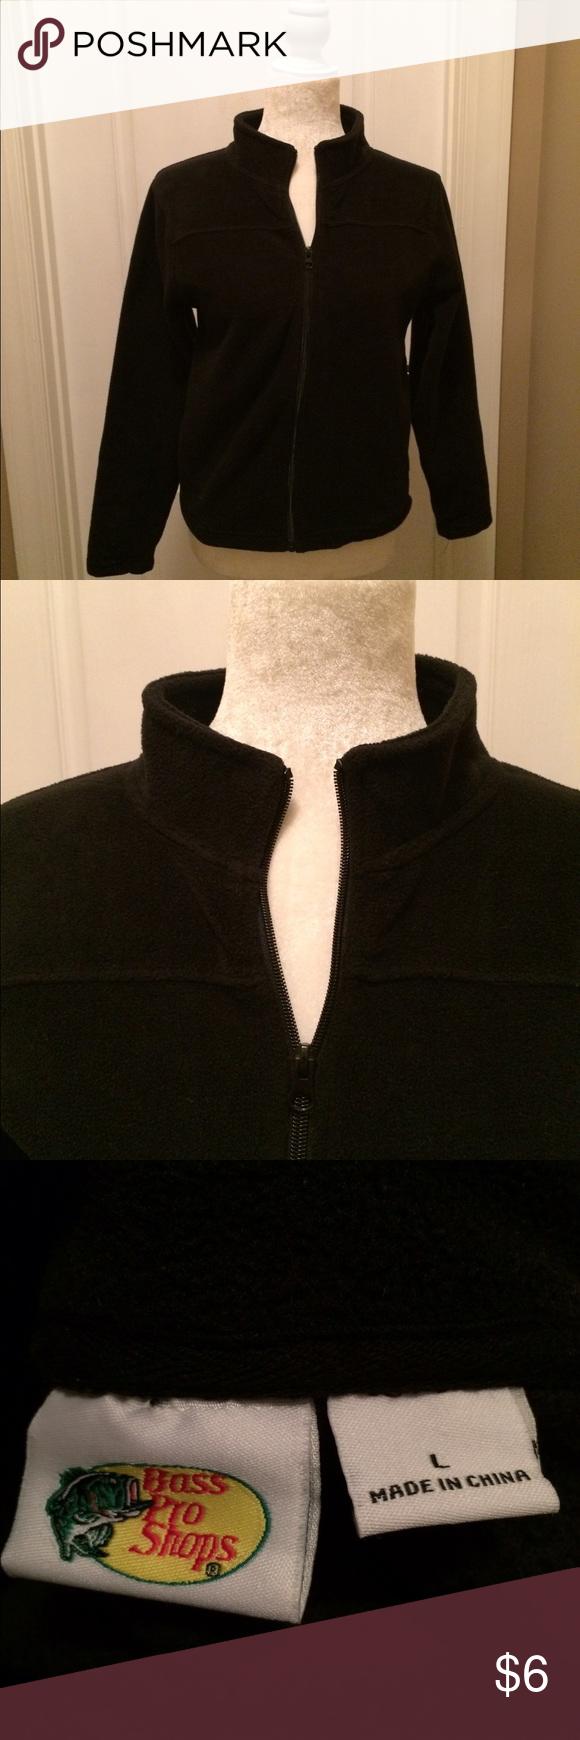 EUC black fleece jacket BASS PRO fleece jacket, excellent condition, size L BASS PRO Jackets & Coats